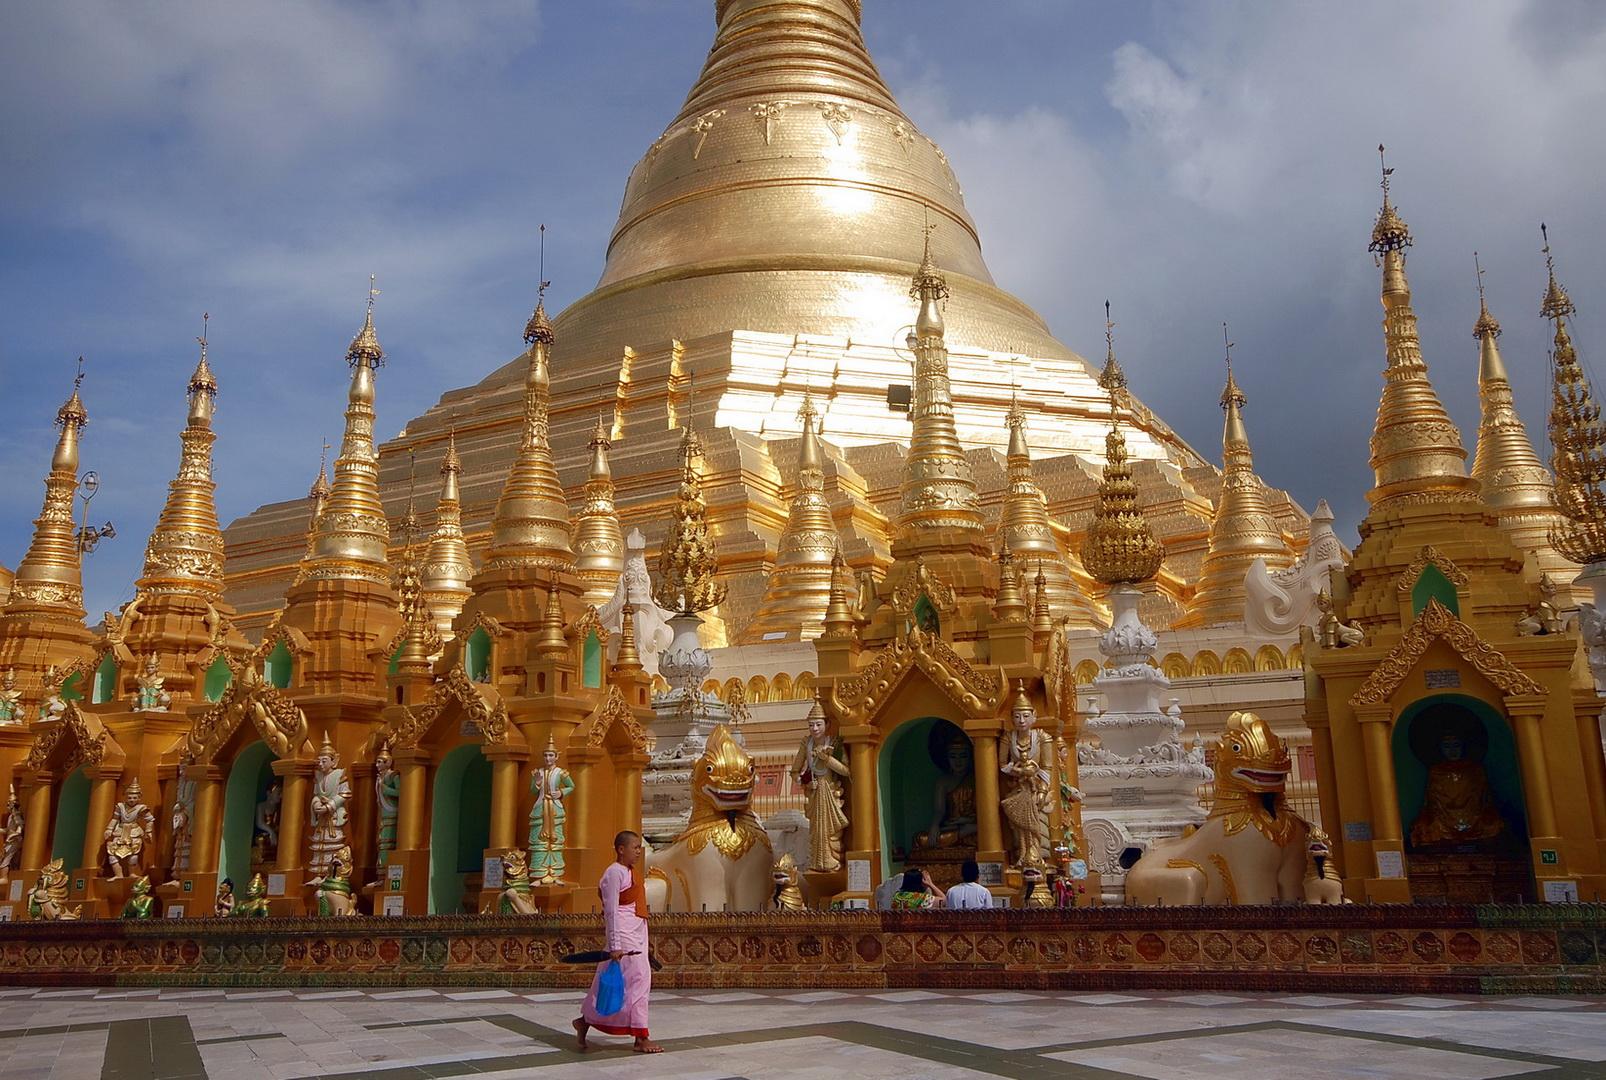 Burma (Myanmar), Shwedagon